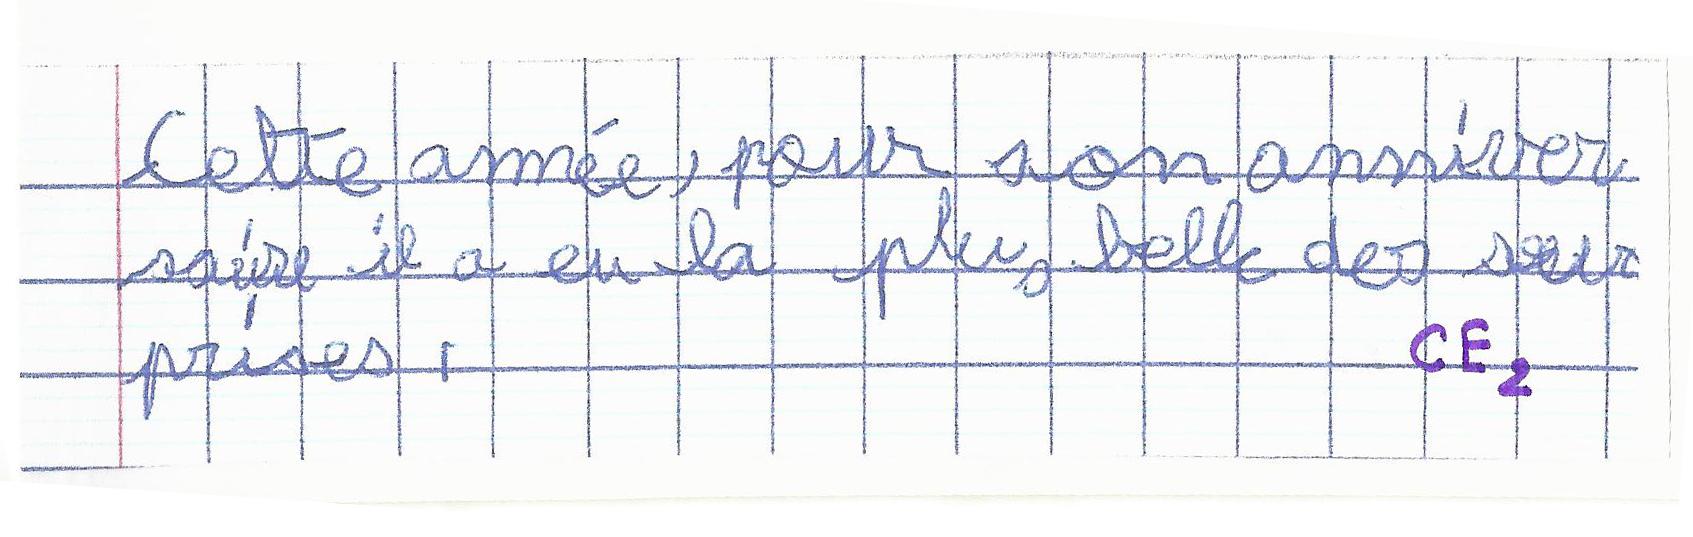 dysgraphie exemple ligne d'écriture